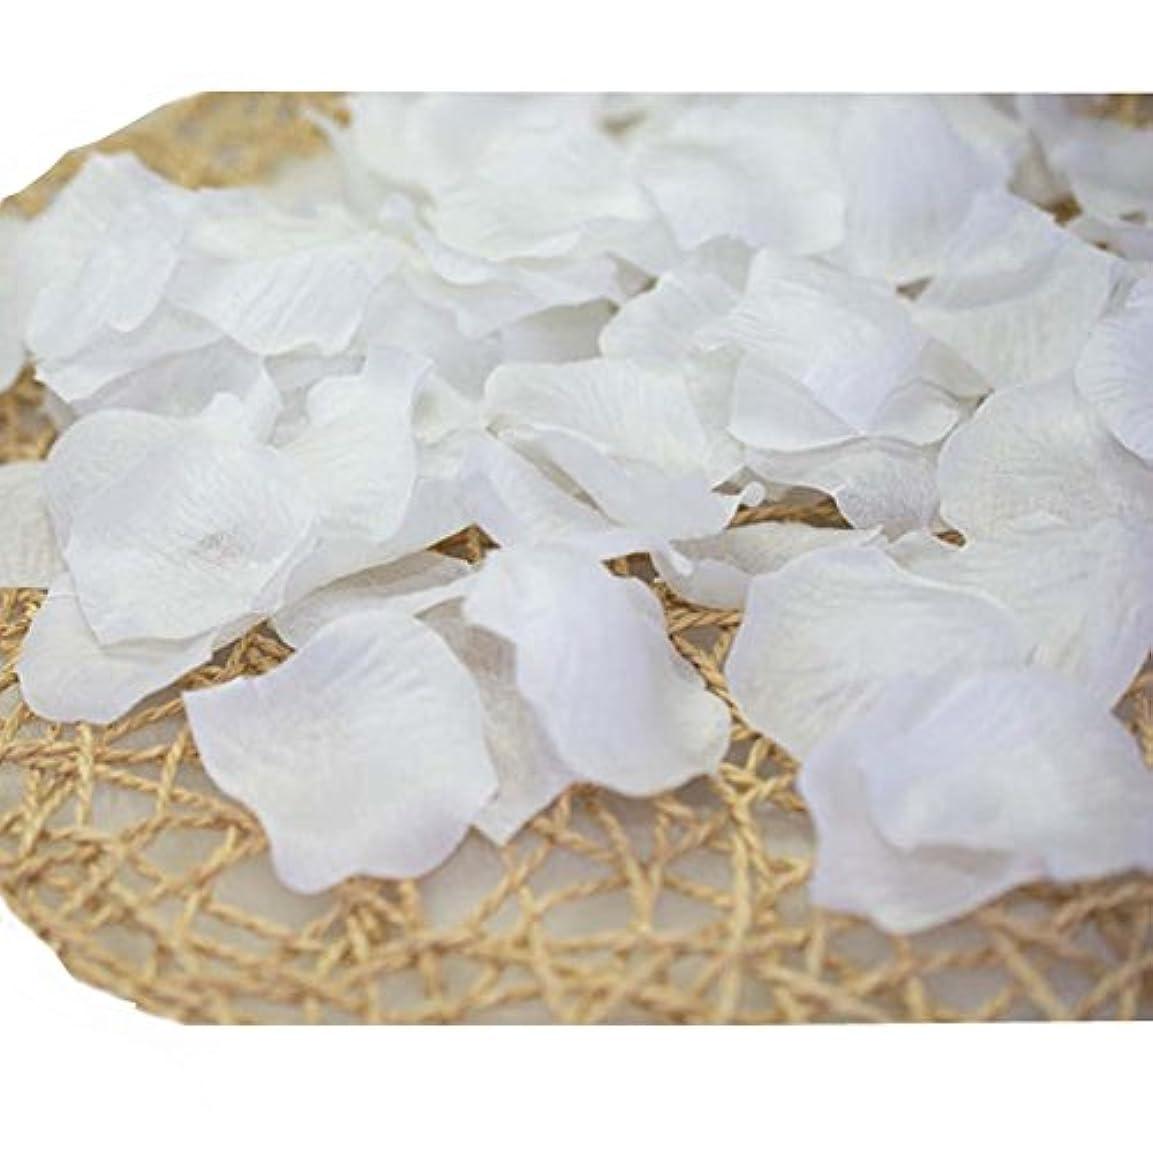 劣る強化請う結婚式のための人工花びら白840のセット